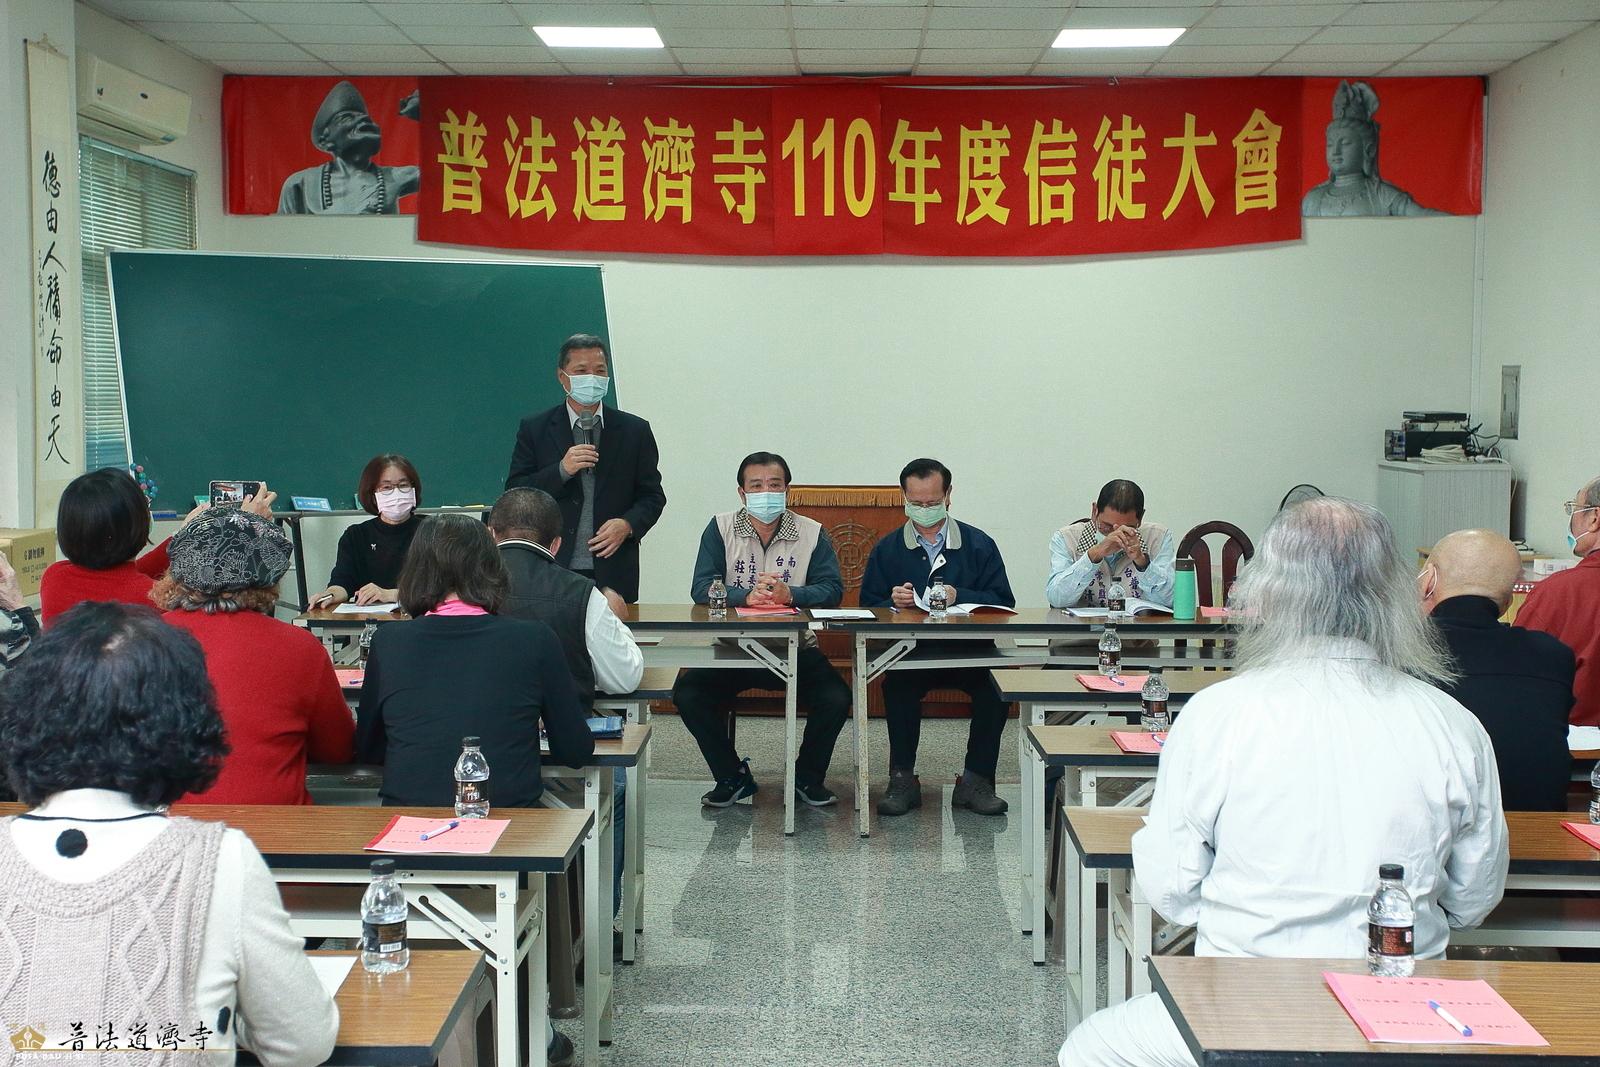 2021.01.24(日) 普法道濟寺110年度信徒大會(pufa.tw)